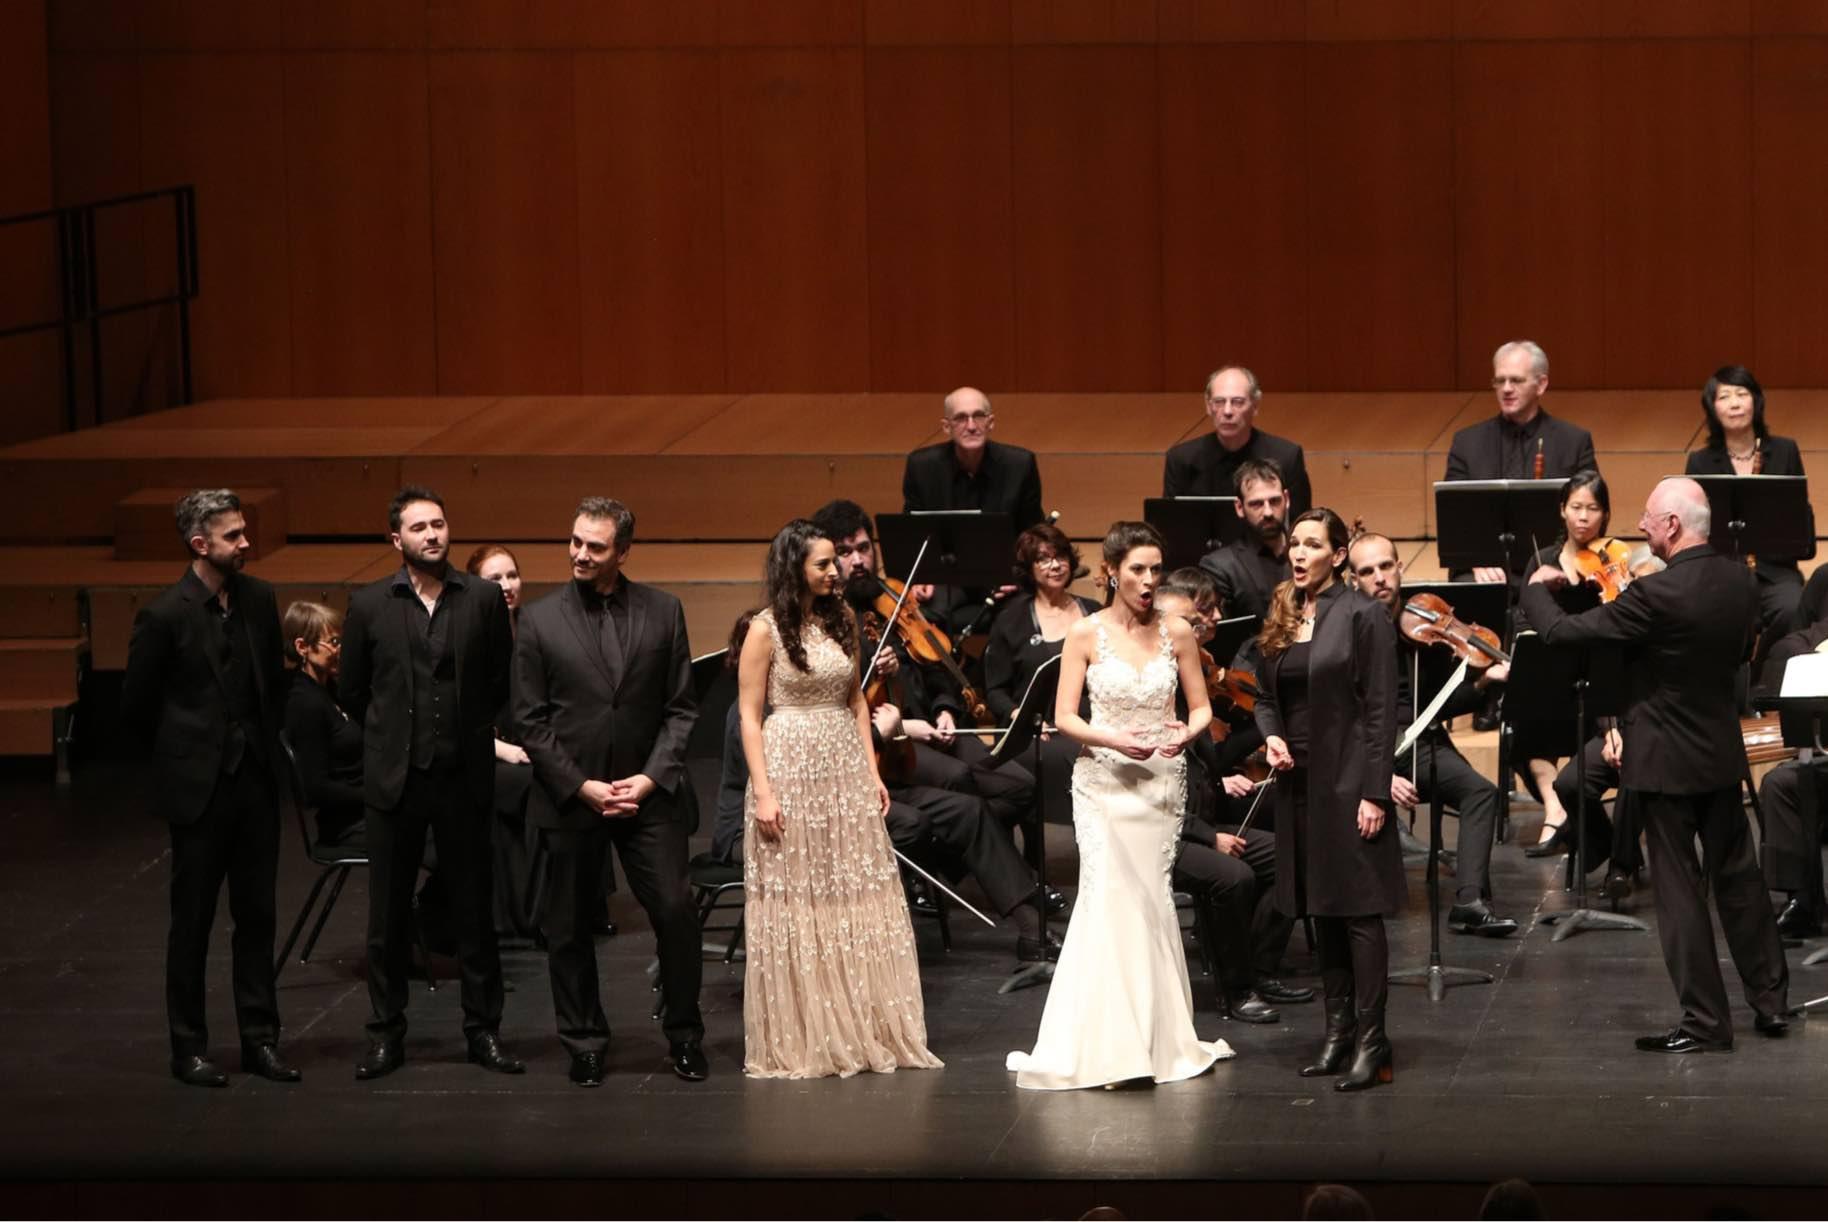 Sergey y Luisine Khachatryan debutan en La Filarmónica